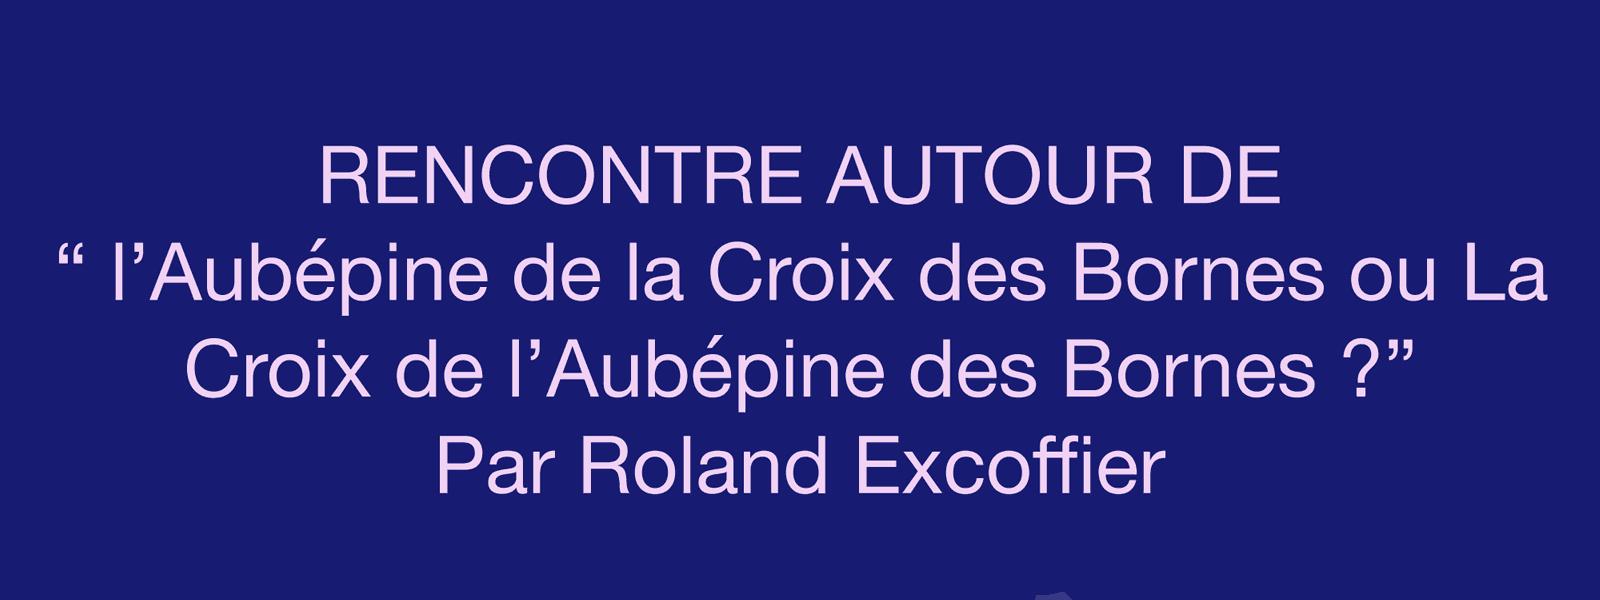 """Rencontre autour de """"L'Aubépine de la Croix des Bornes ou La Croix de l'Aubépine des Bornes ?"""""""